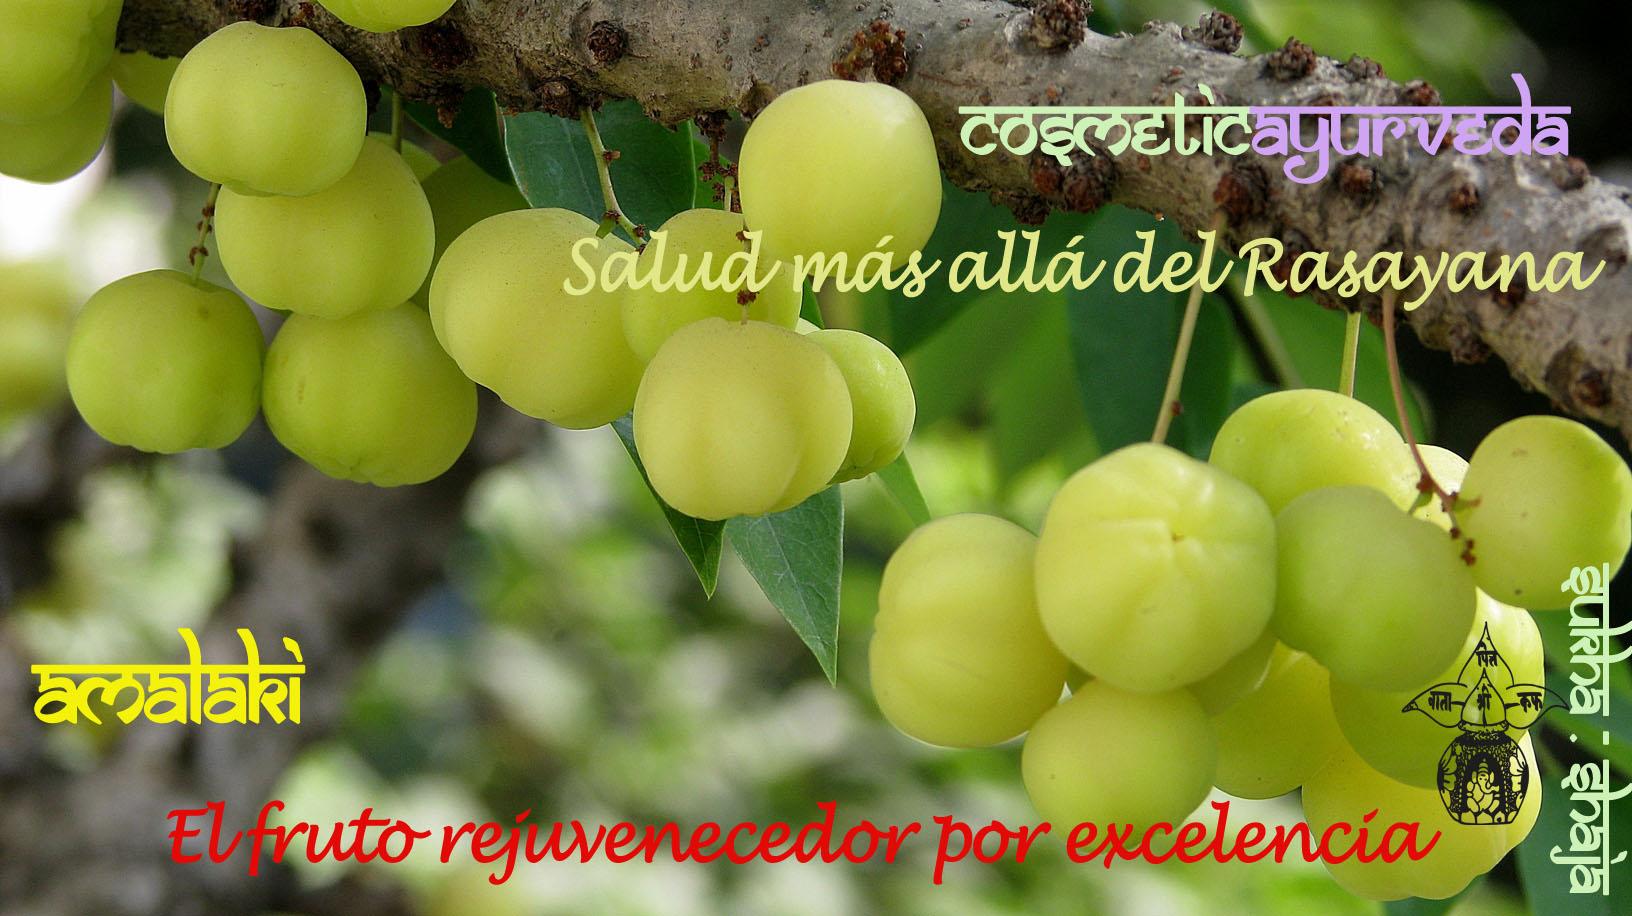 AMALAKI: ¡el fruto rejuvenecedor!